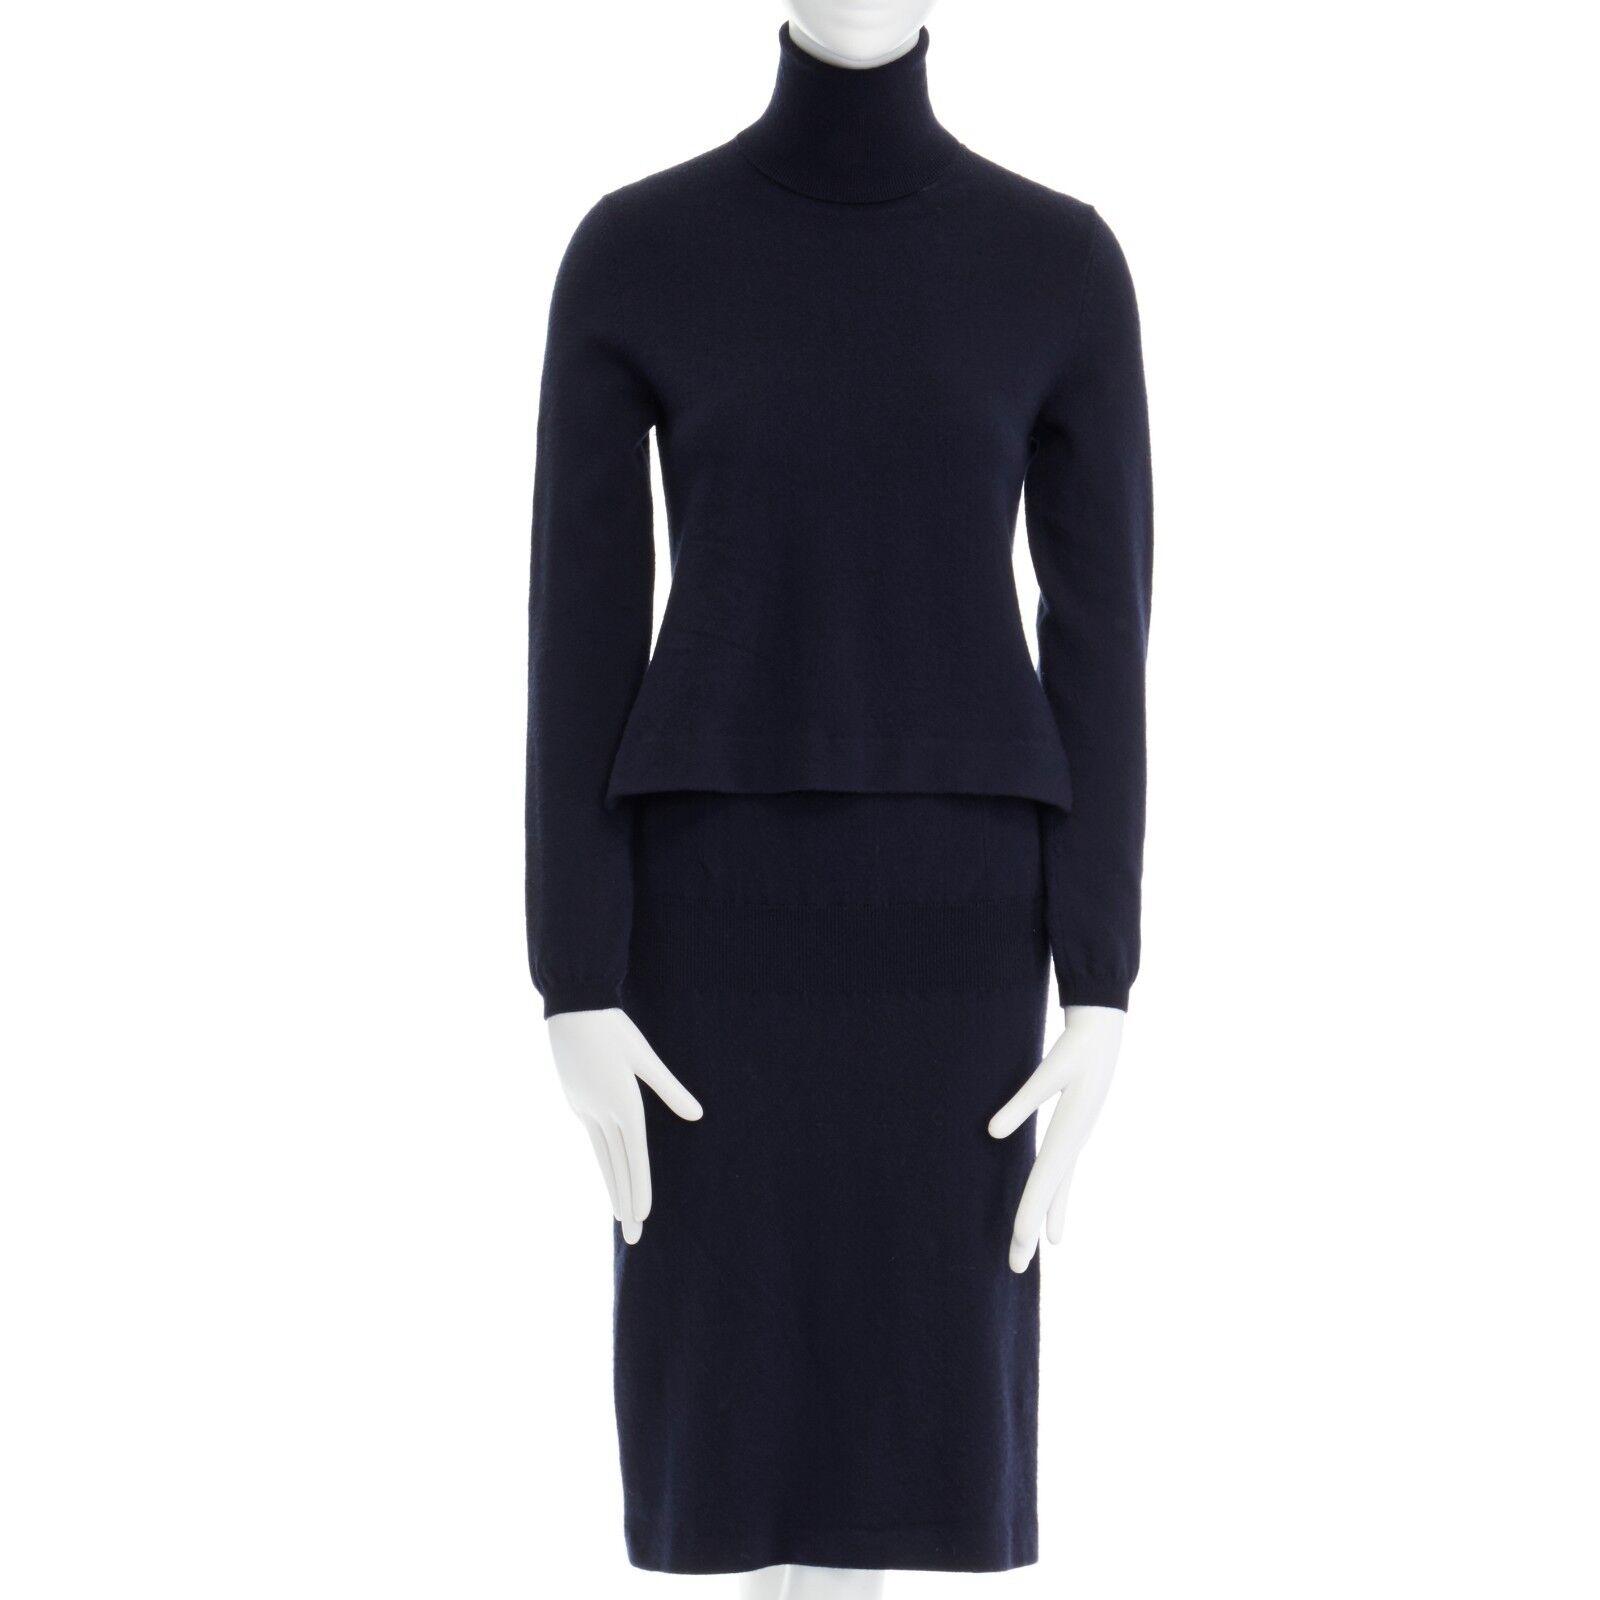 JIL SANDER bleu marine laine col roulé synthétique Pull à hommeches longues robe M